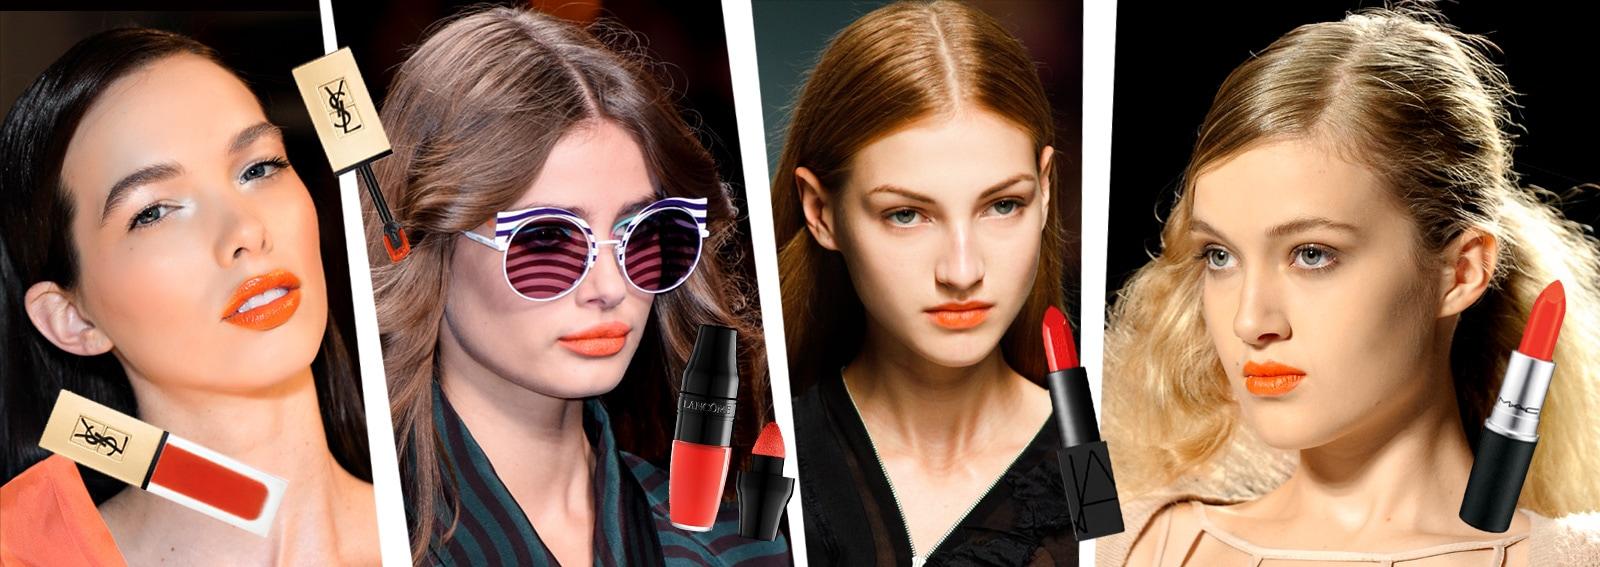 cover-rossetto-arancione-come-indossarlo-desktop